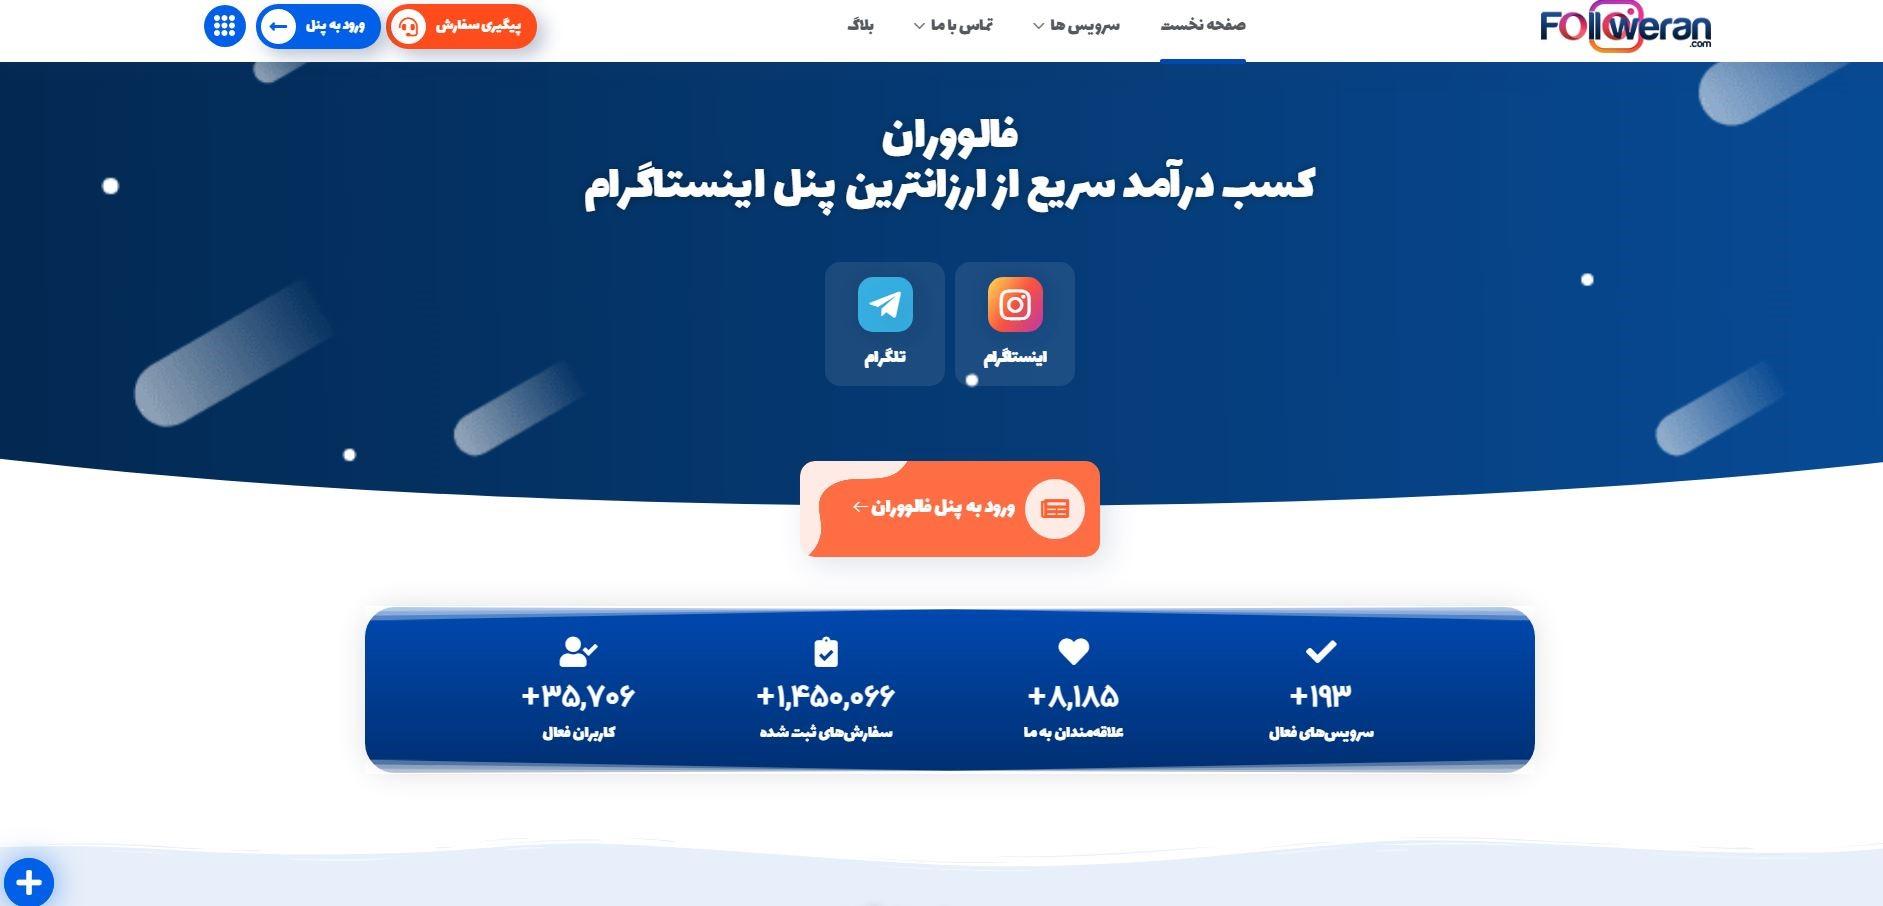 بهترین پنل اینستاگرام در ایران کدام است؟